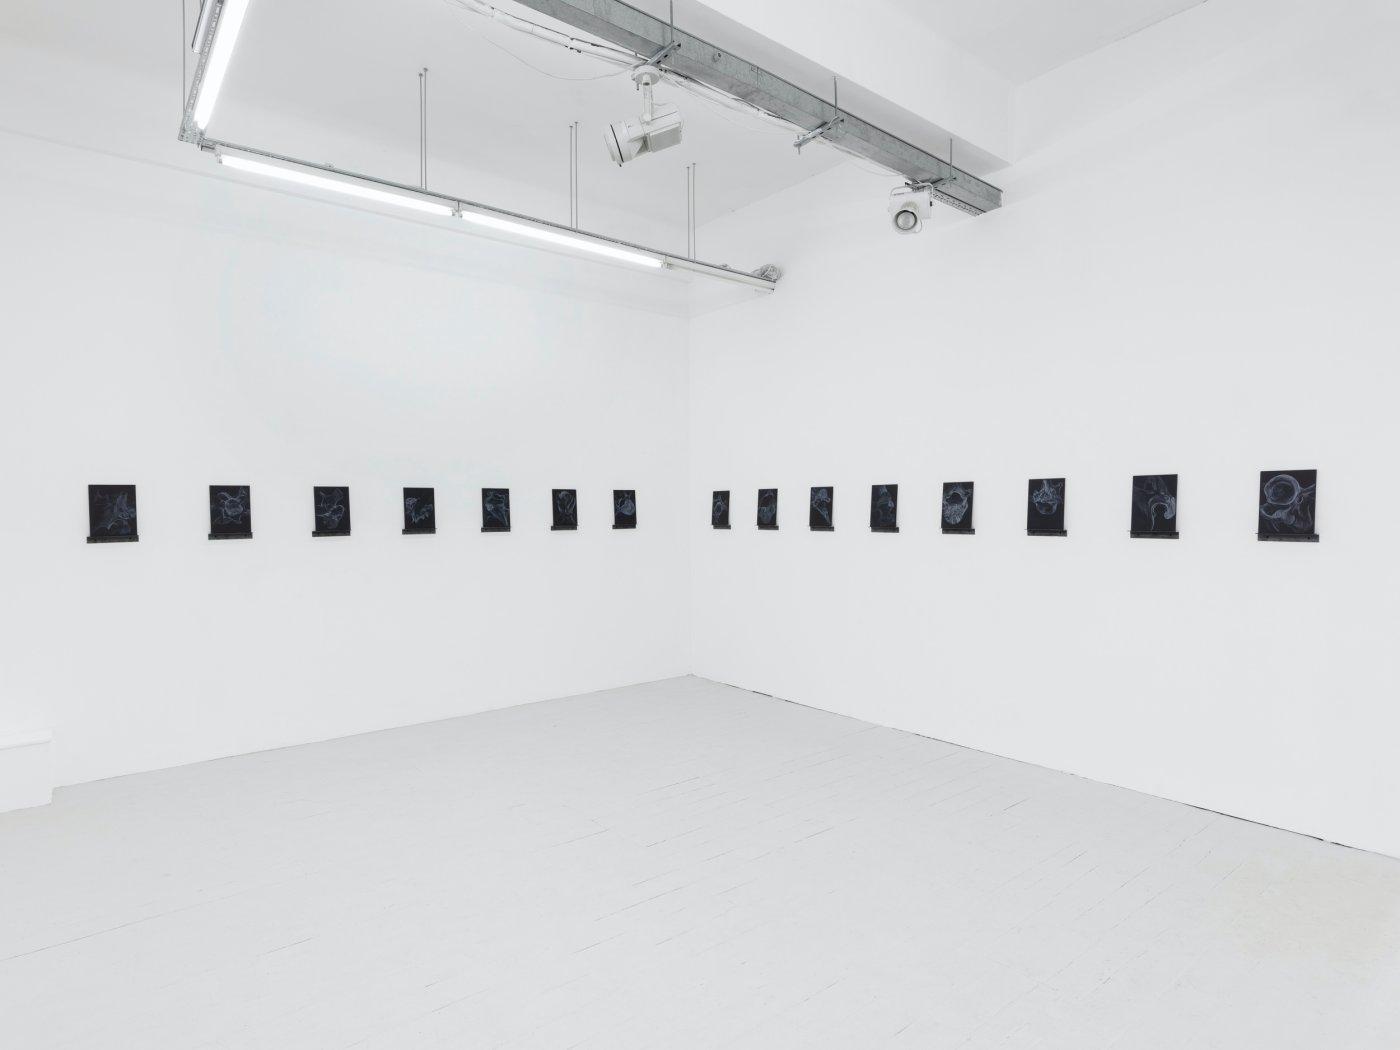 Pi Artworks Guy Haddon Grant 9